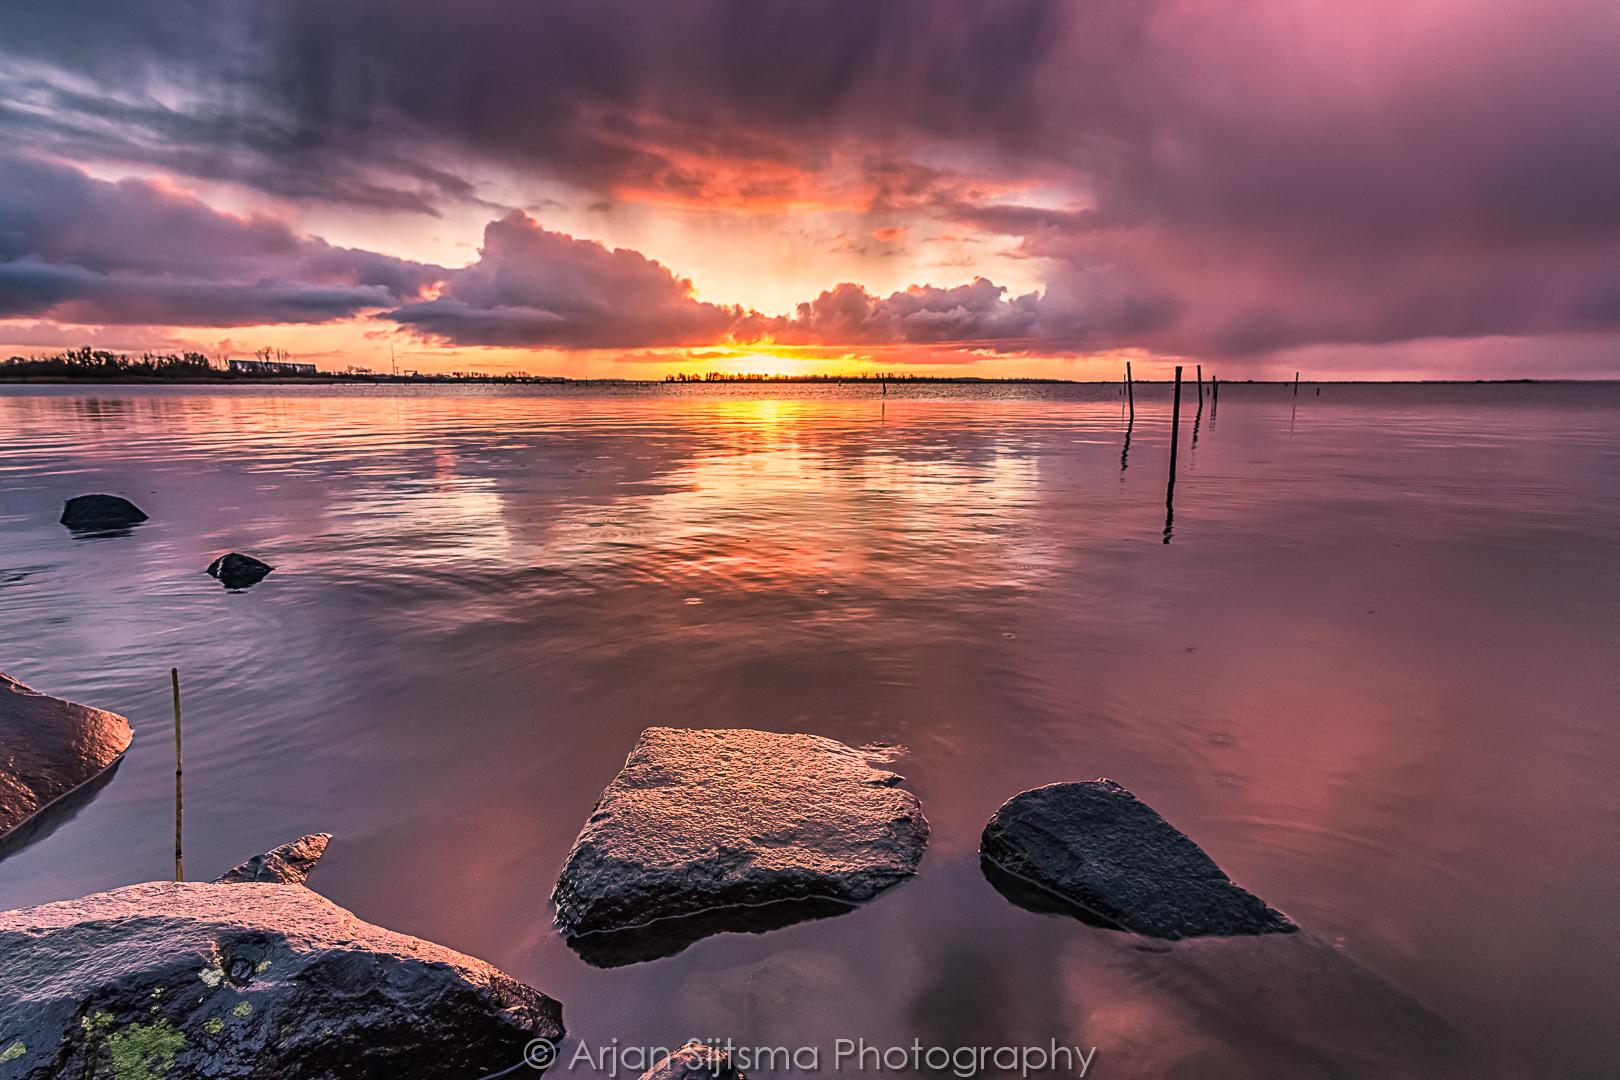 Een regenachtige zonsopkomst aan het Lauwersmeer